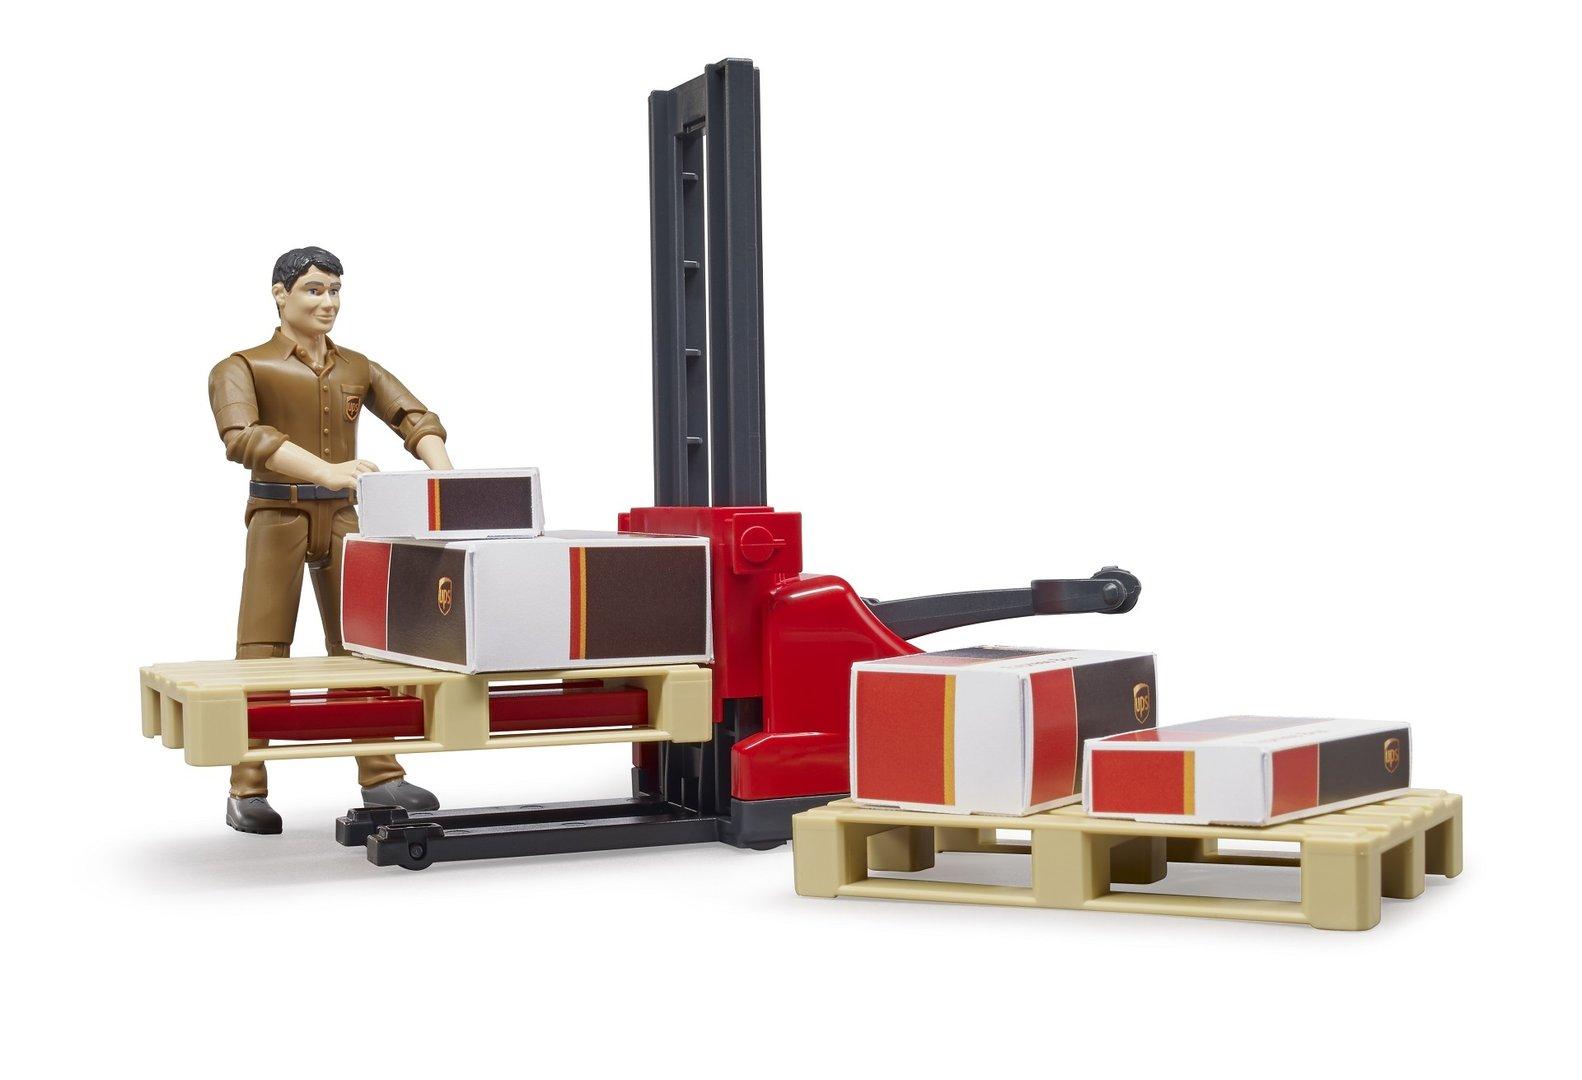 stapler mit figur bruder stapler bruder figur bruder. Black Bedroom Furniture Sets. Home Design Ideas